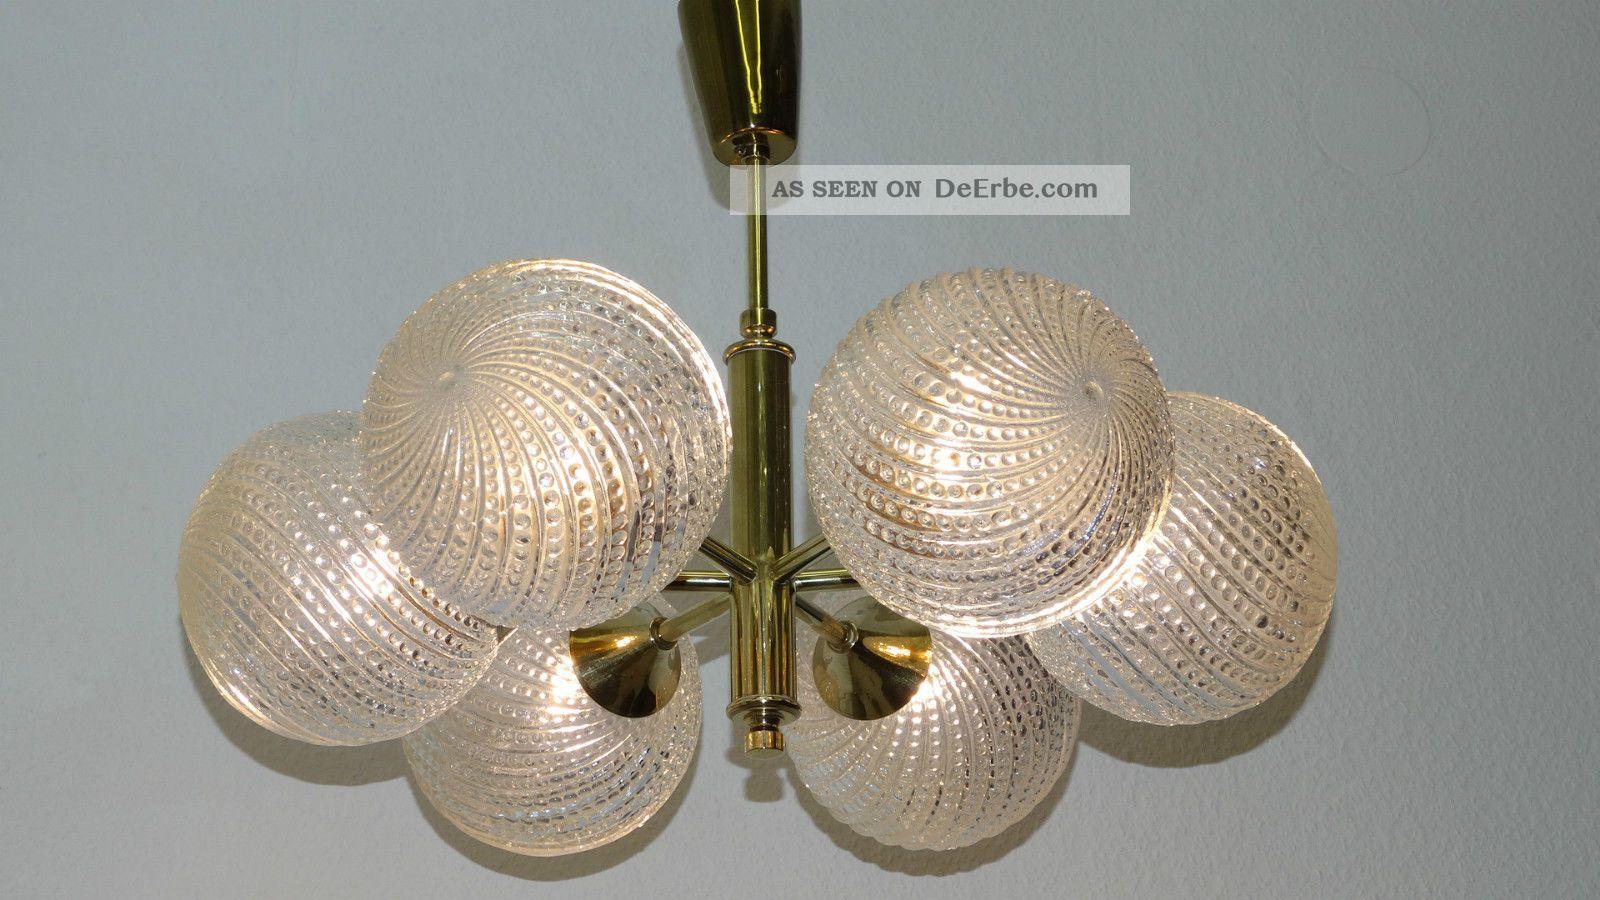 Messing Glaskugel Deckenleuchte Lampe Kugel Ufo Leuchte Deckenlampe Leuchte Aa46 1960-1969 Bild